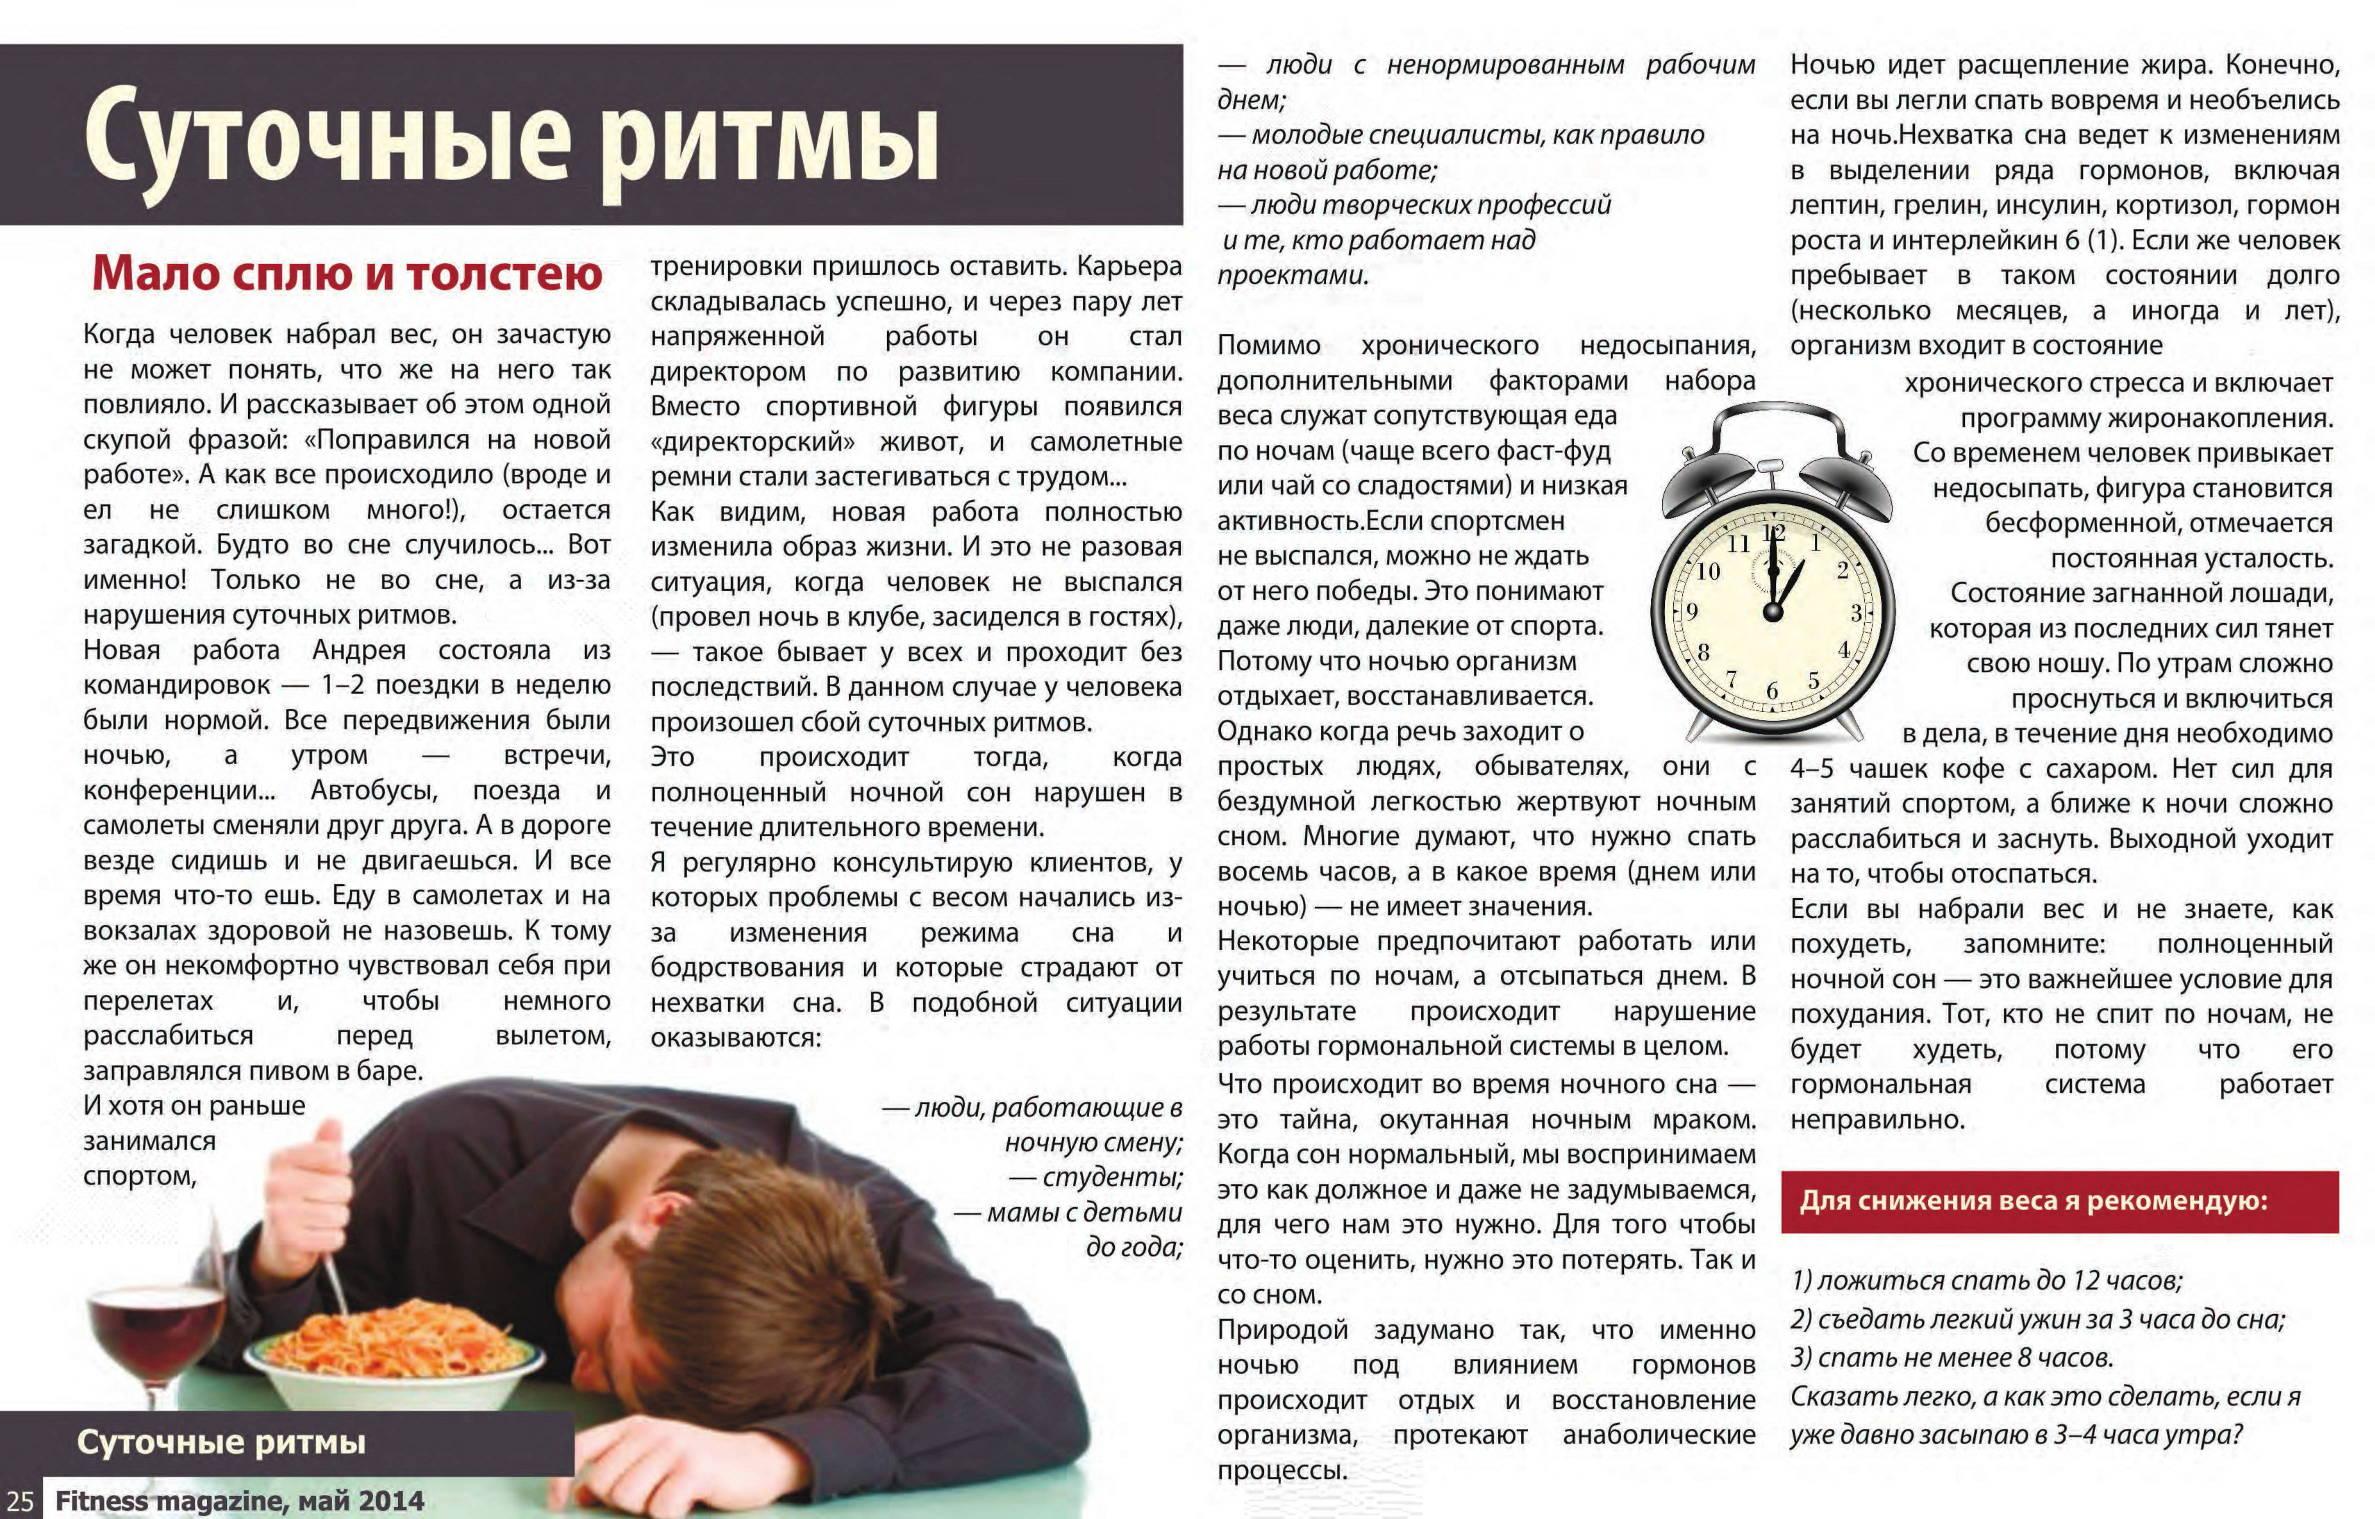 Журнал Фитнесс Магазин №5, 2014 год. Суточные ритмы.